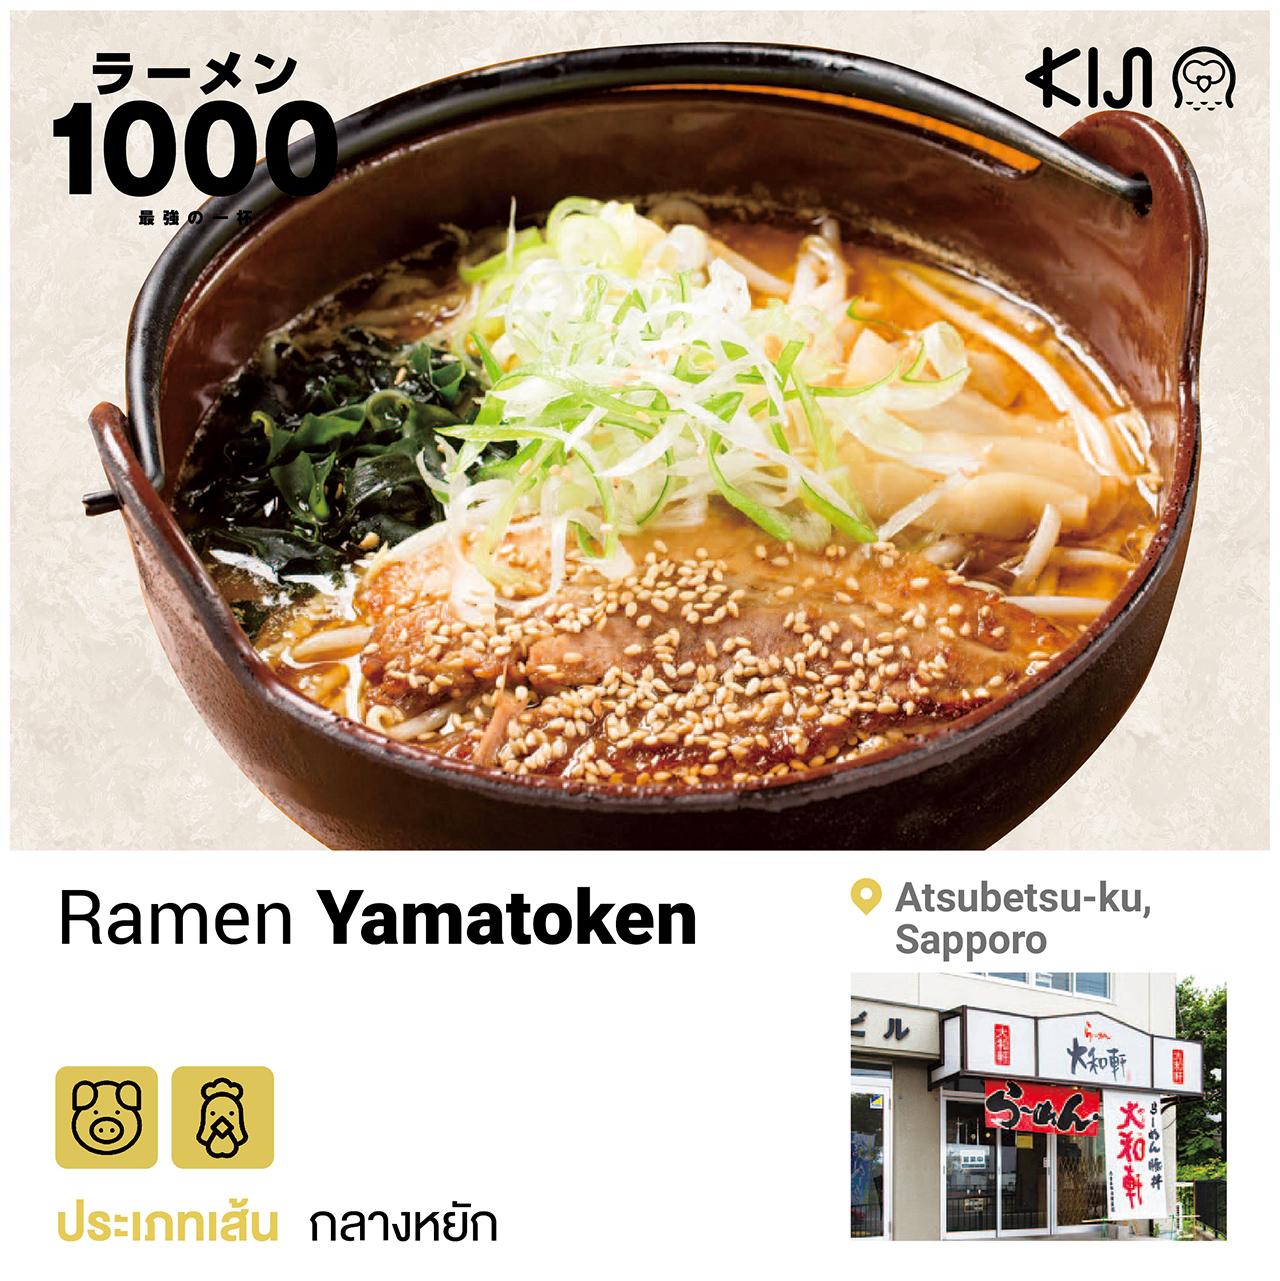 ร้านราเมนในฮอกไกโด - Ramen Yamatoken